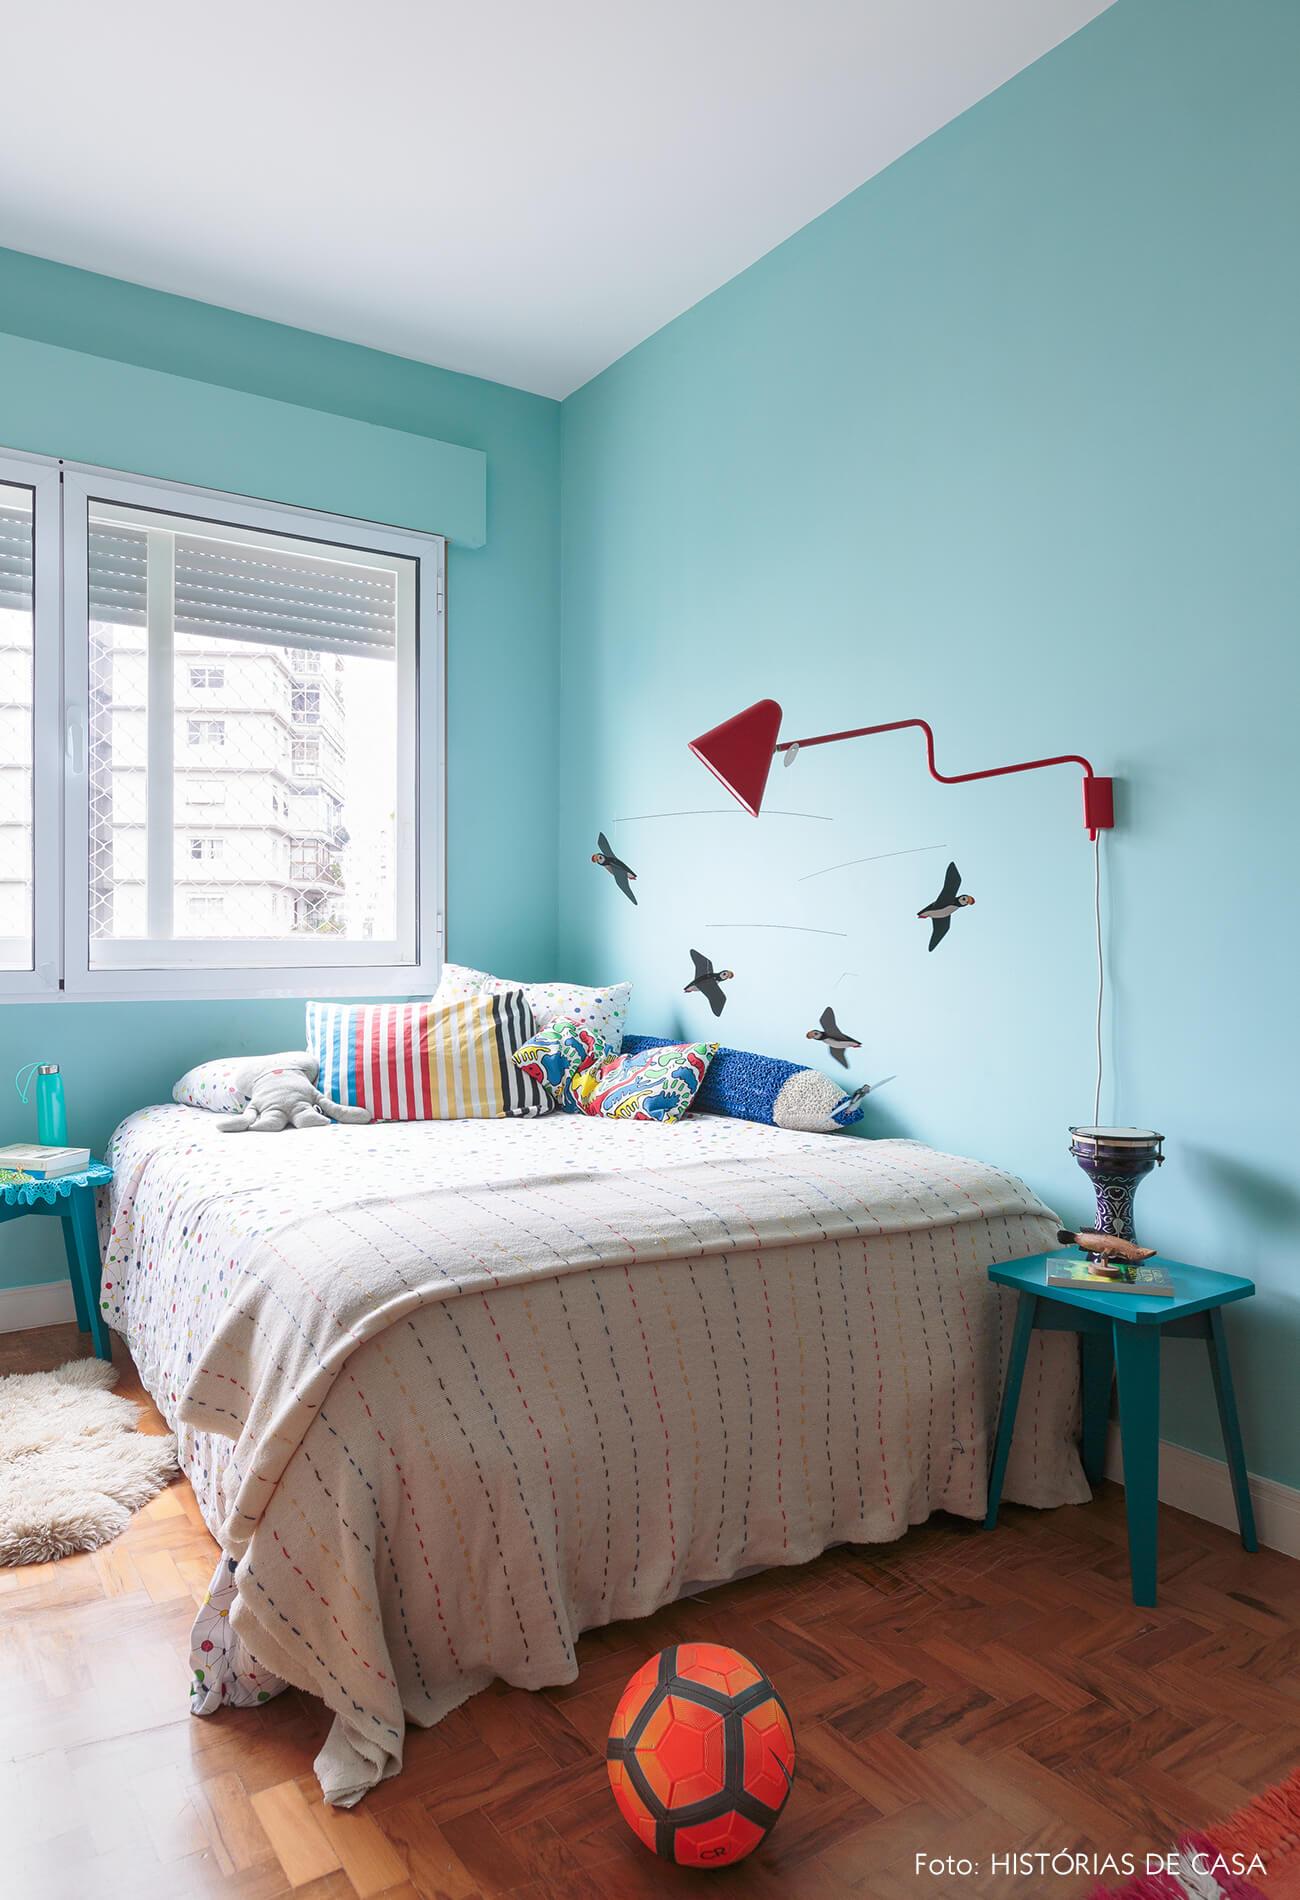 decoração quarto azul com mobile passaros